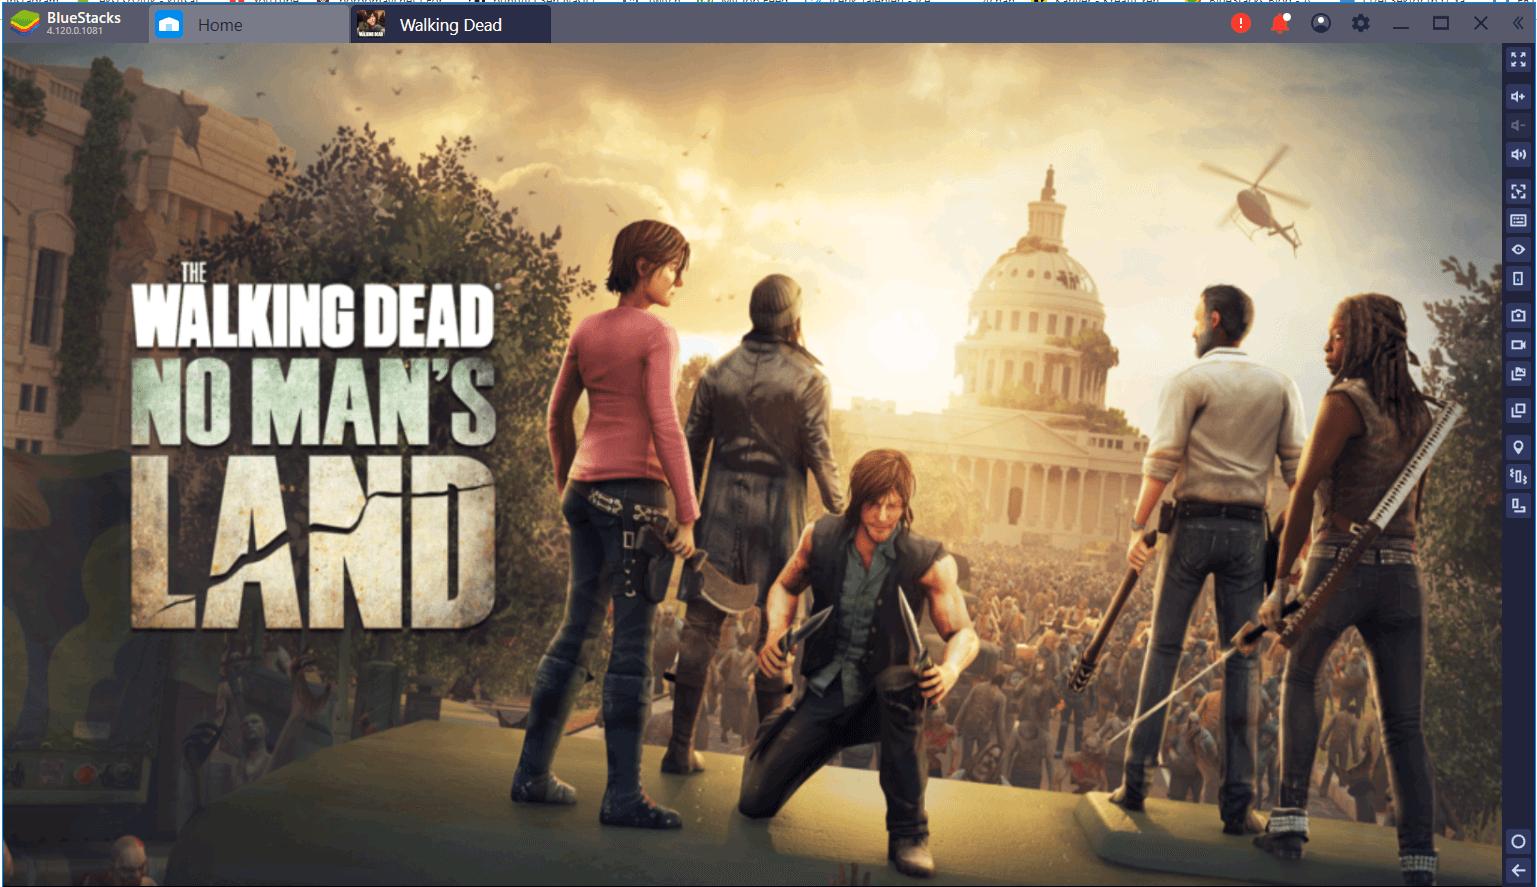 The Walking Dead: No Man's Land Oyun İncelemesi – Zombilerden Kurtulabilecek misin?